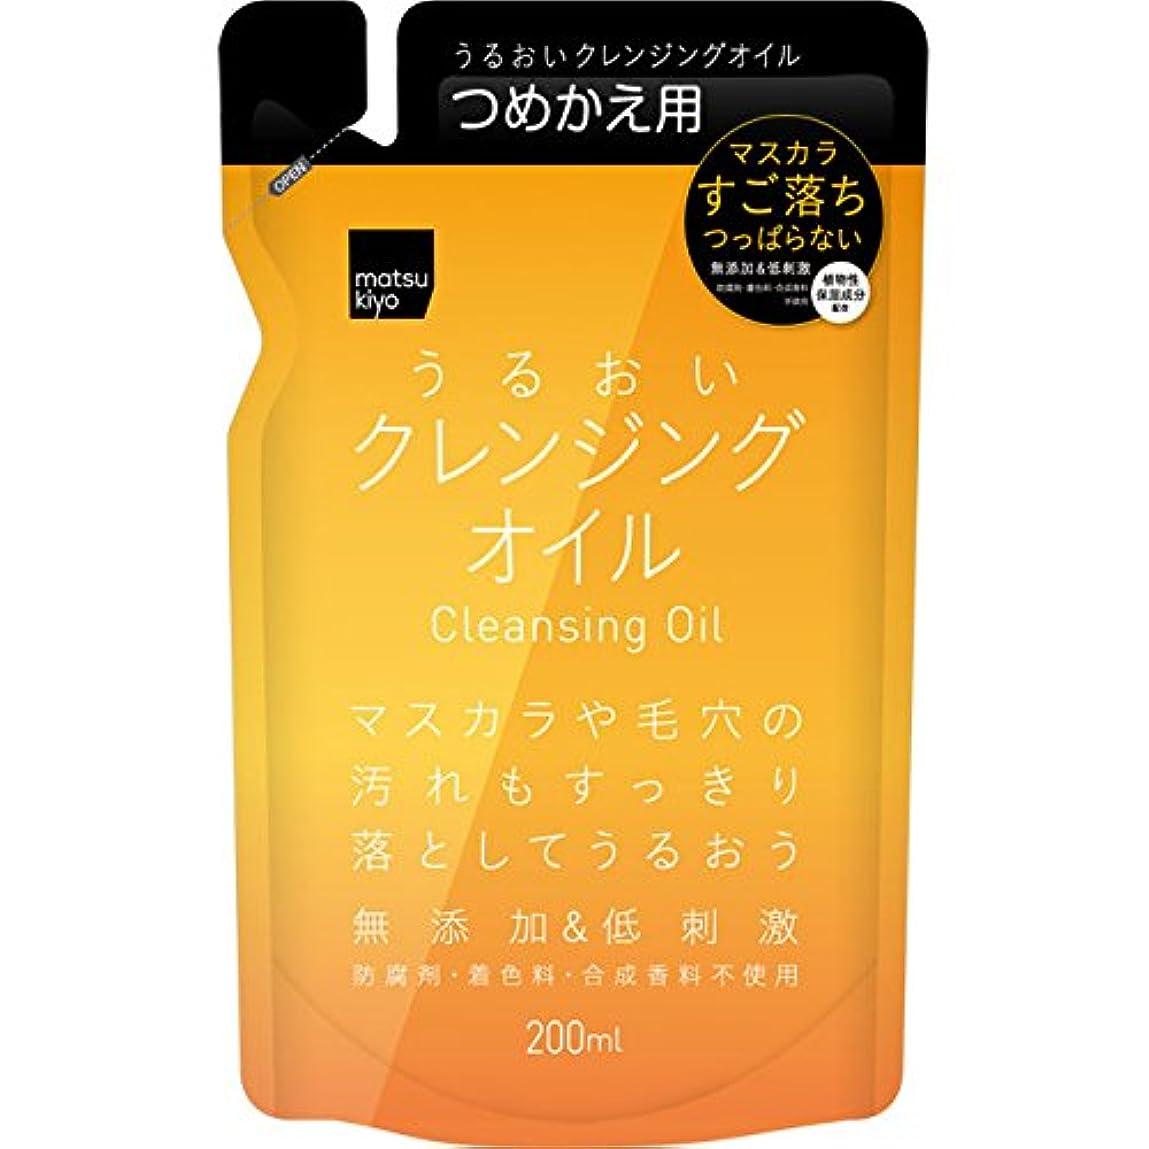 パンツ狼ひどくmatsukiyo うるおいクレンジングオイル 詰替 200ml詰替